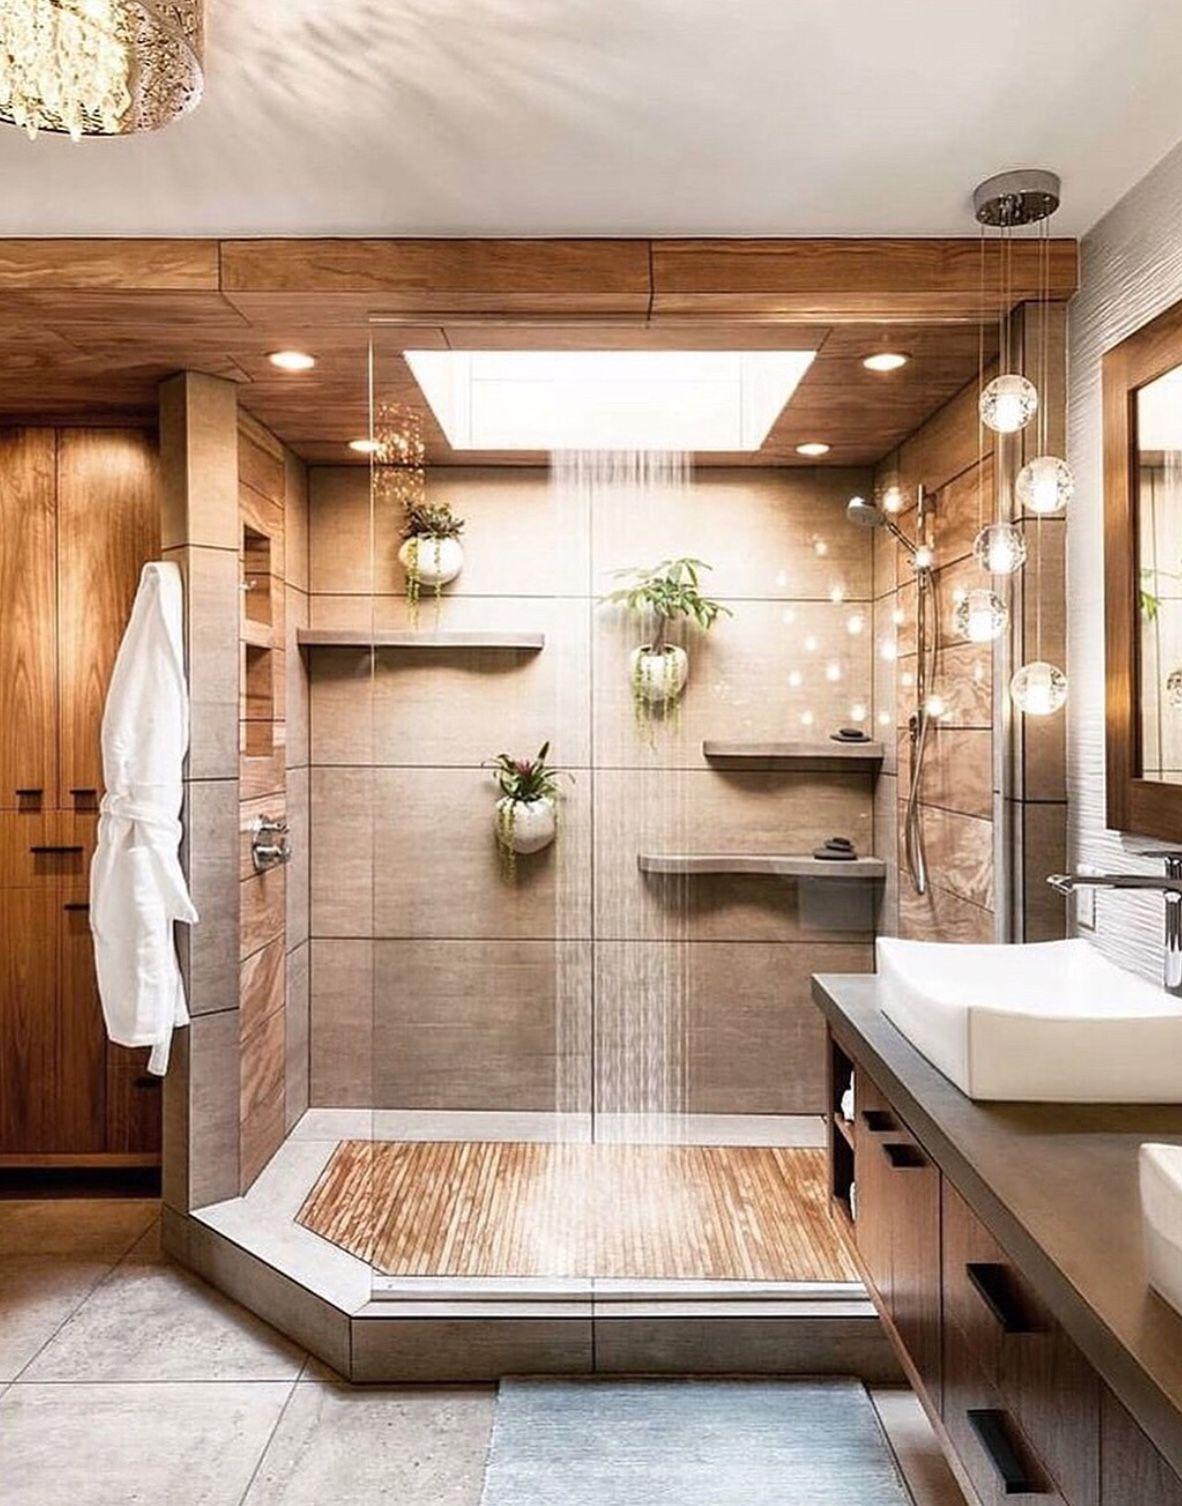 Pin Von Lauri Auf Ideales Badezimmer Haus Innenarchitektur Badezimmereinrichtung